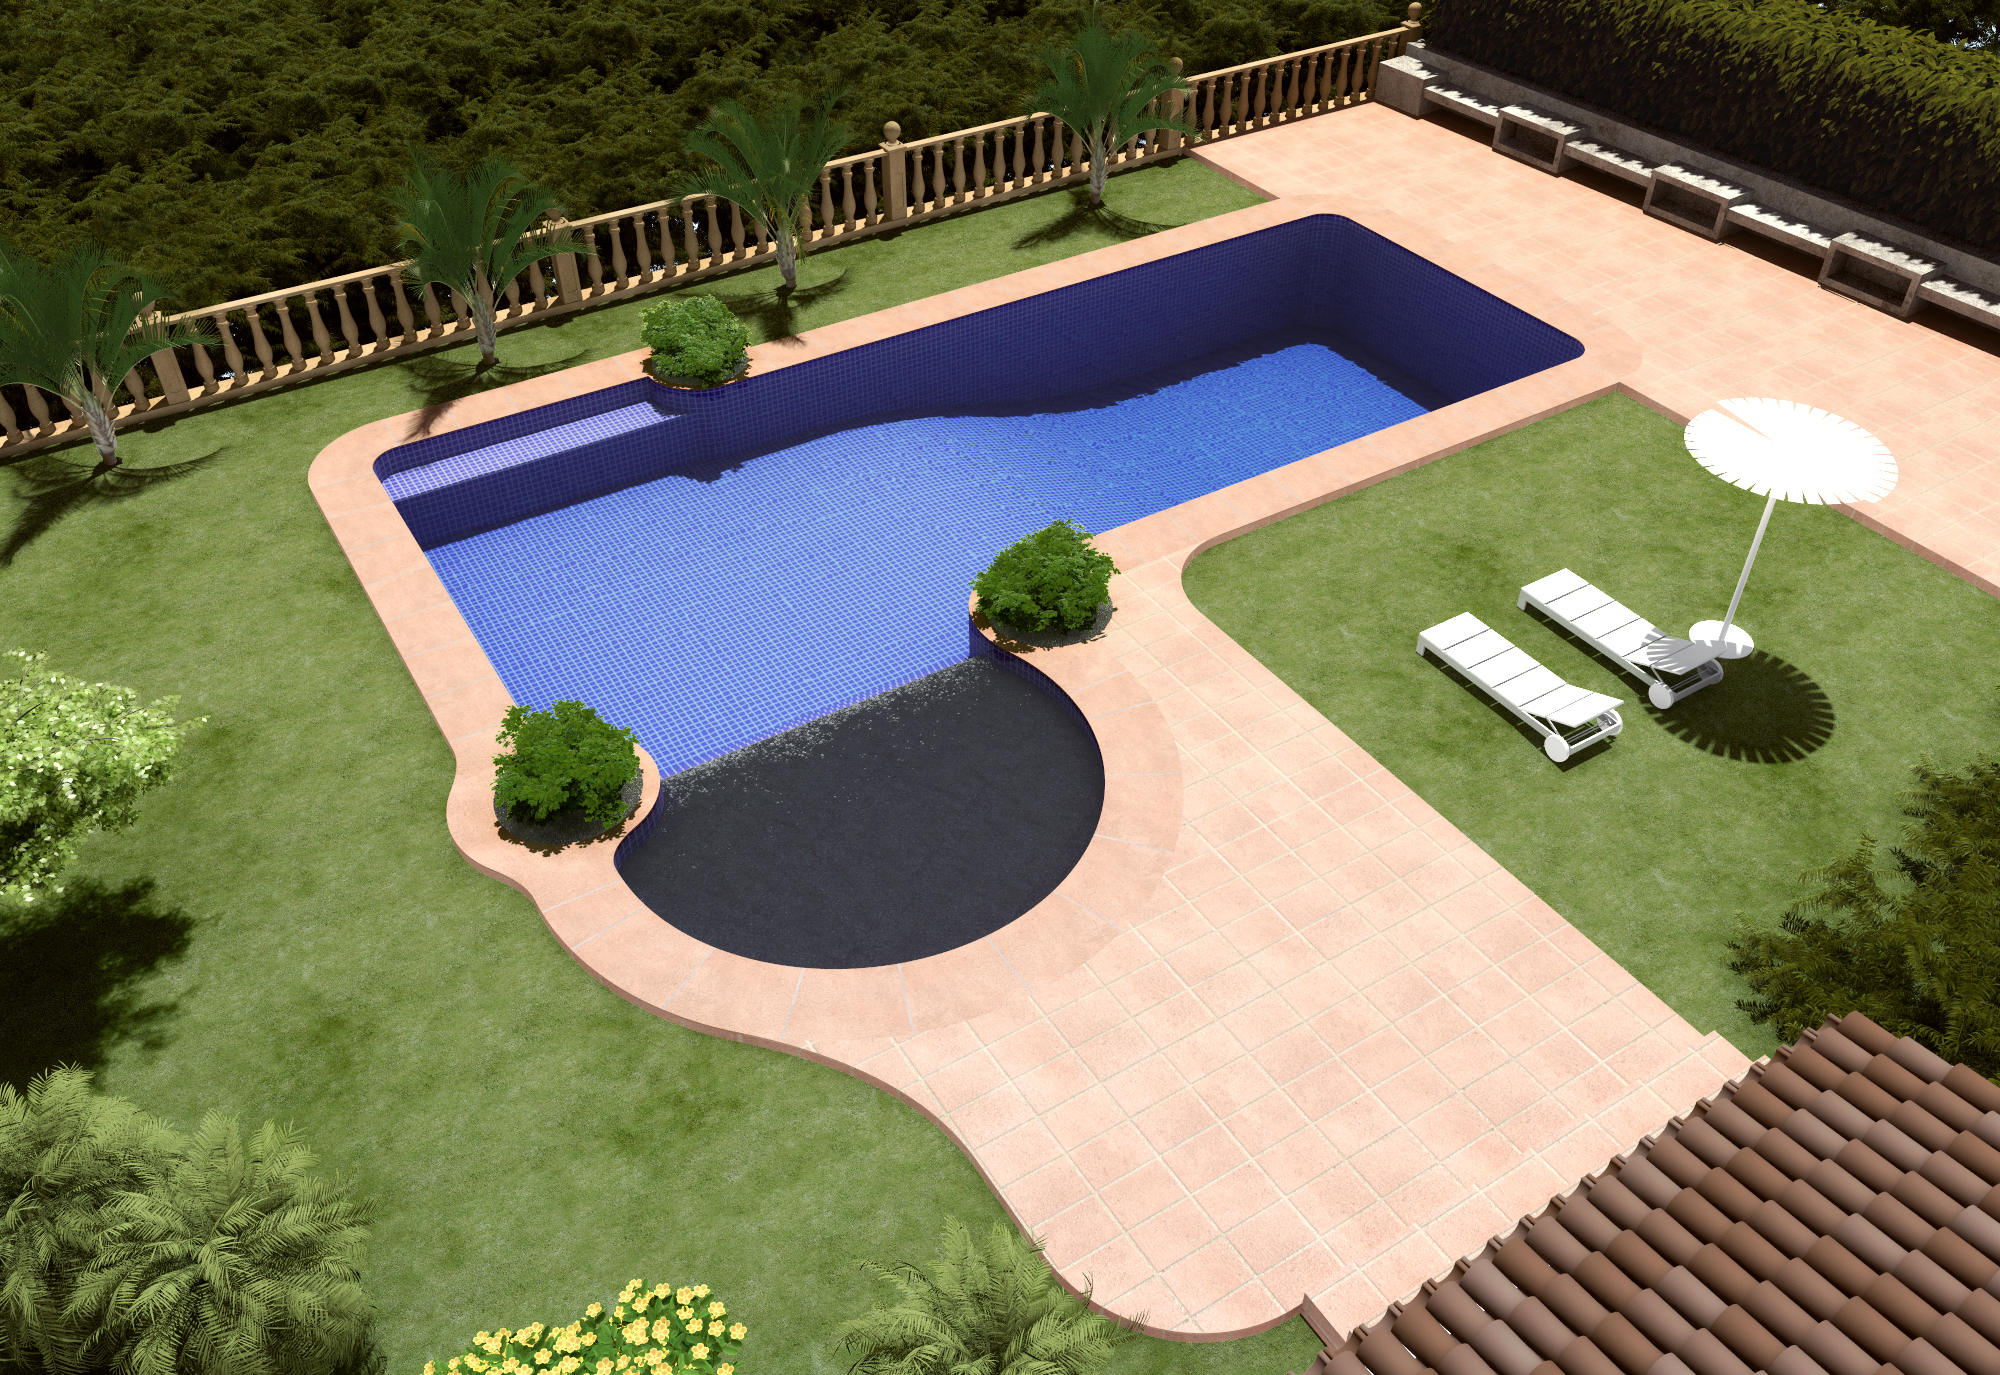 Piscinas gunitec piscina 02 trest vere blog infografia 3d for Planos de piscinas temperadas